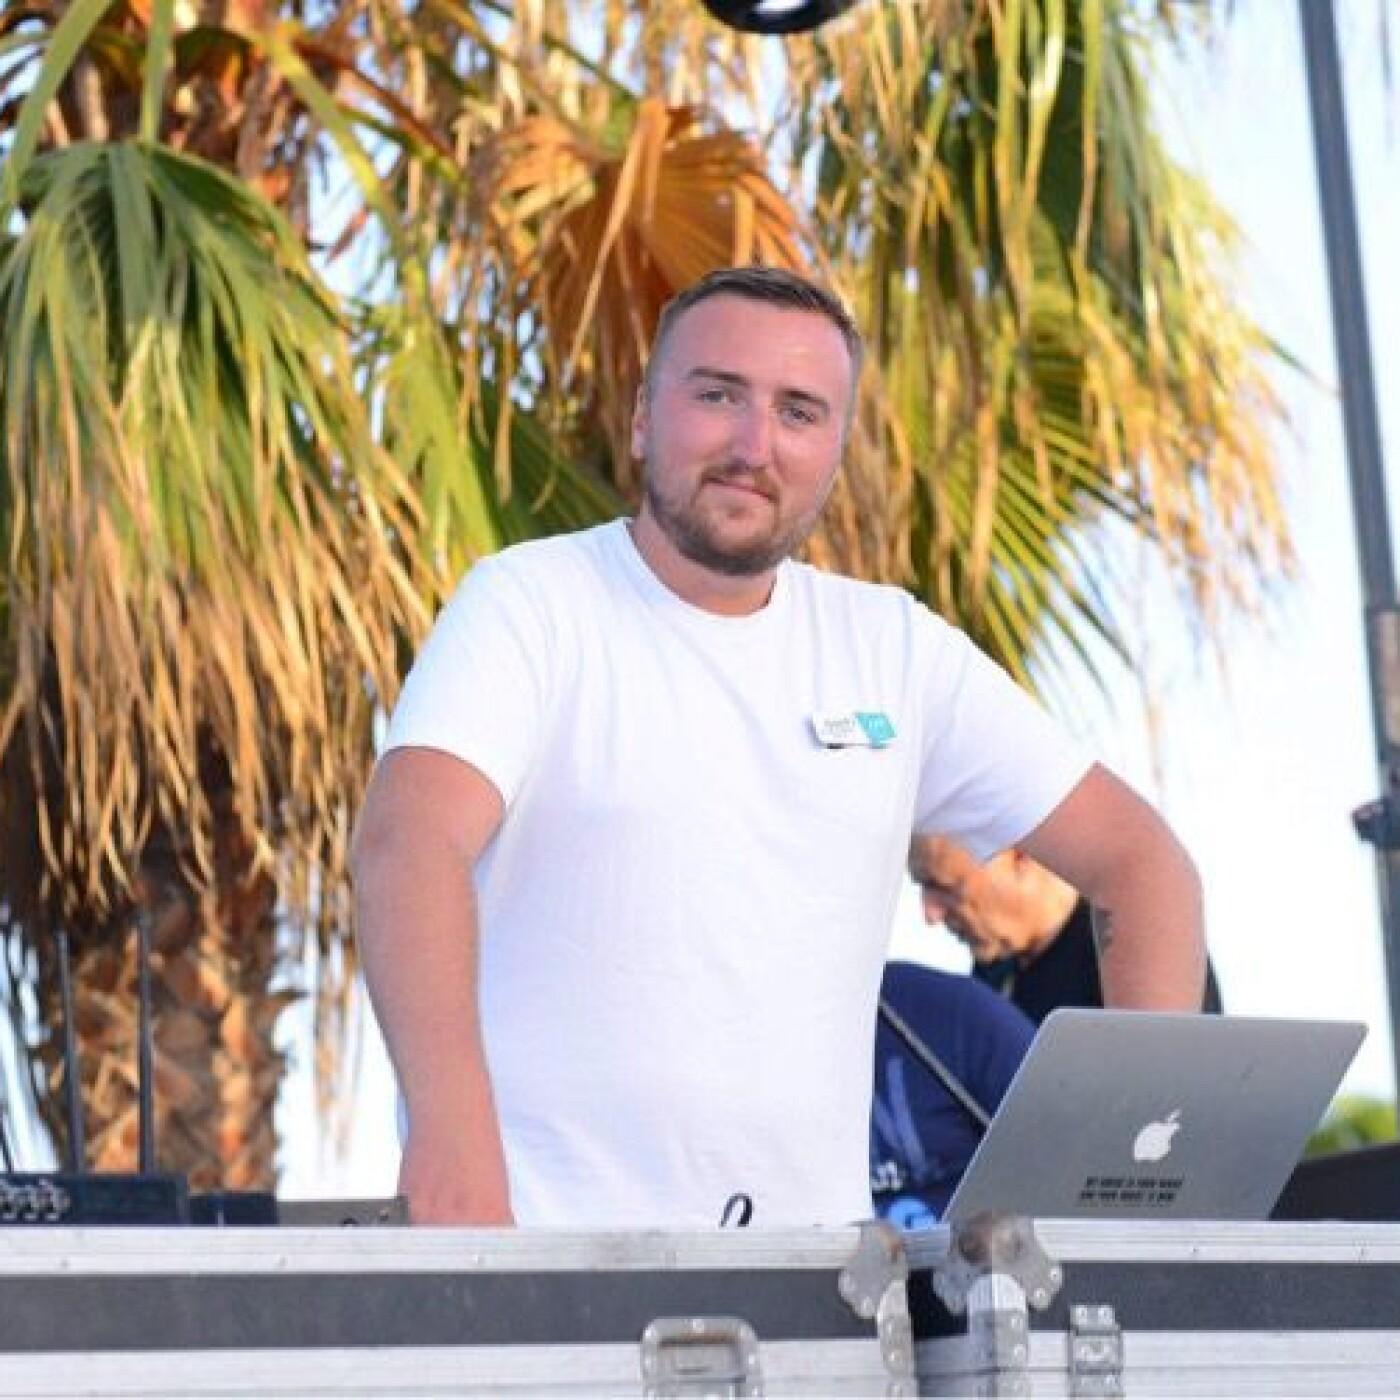 Zoom sur le métier d'animateur en club de vacances, interview de Chris en Sicile - 30 08 2021 - StereoChic Radio